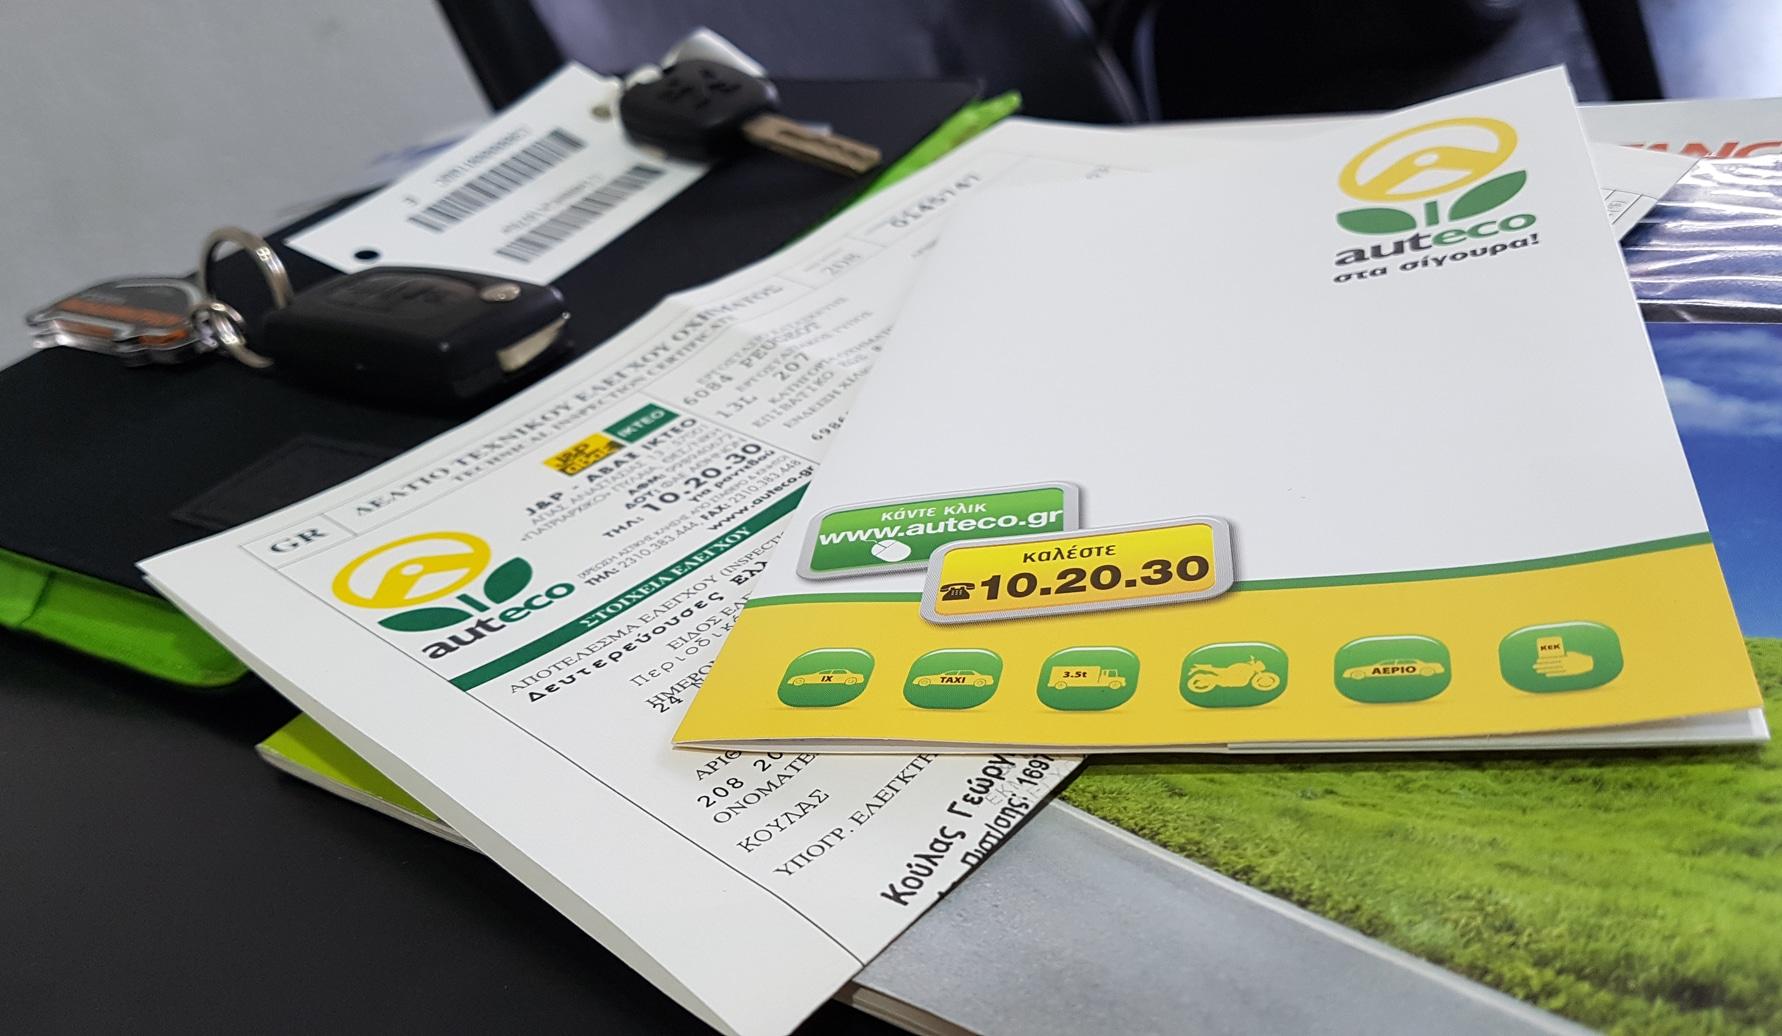 Μεταχειρισμένα Αυτοκίνητα Παπαδημητρίου | ΚΤΕΟ AUTECO - Περαίωση του προγραμματισμένου Τεχνικού Ελέγχου του οχήματος - έκδοση κάρτας καυσαερίων